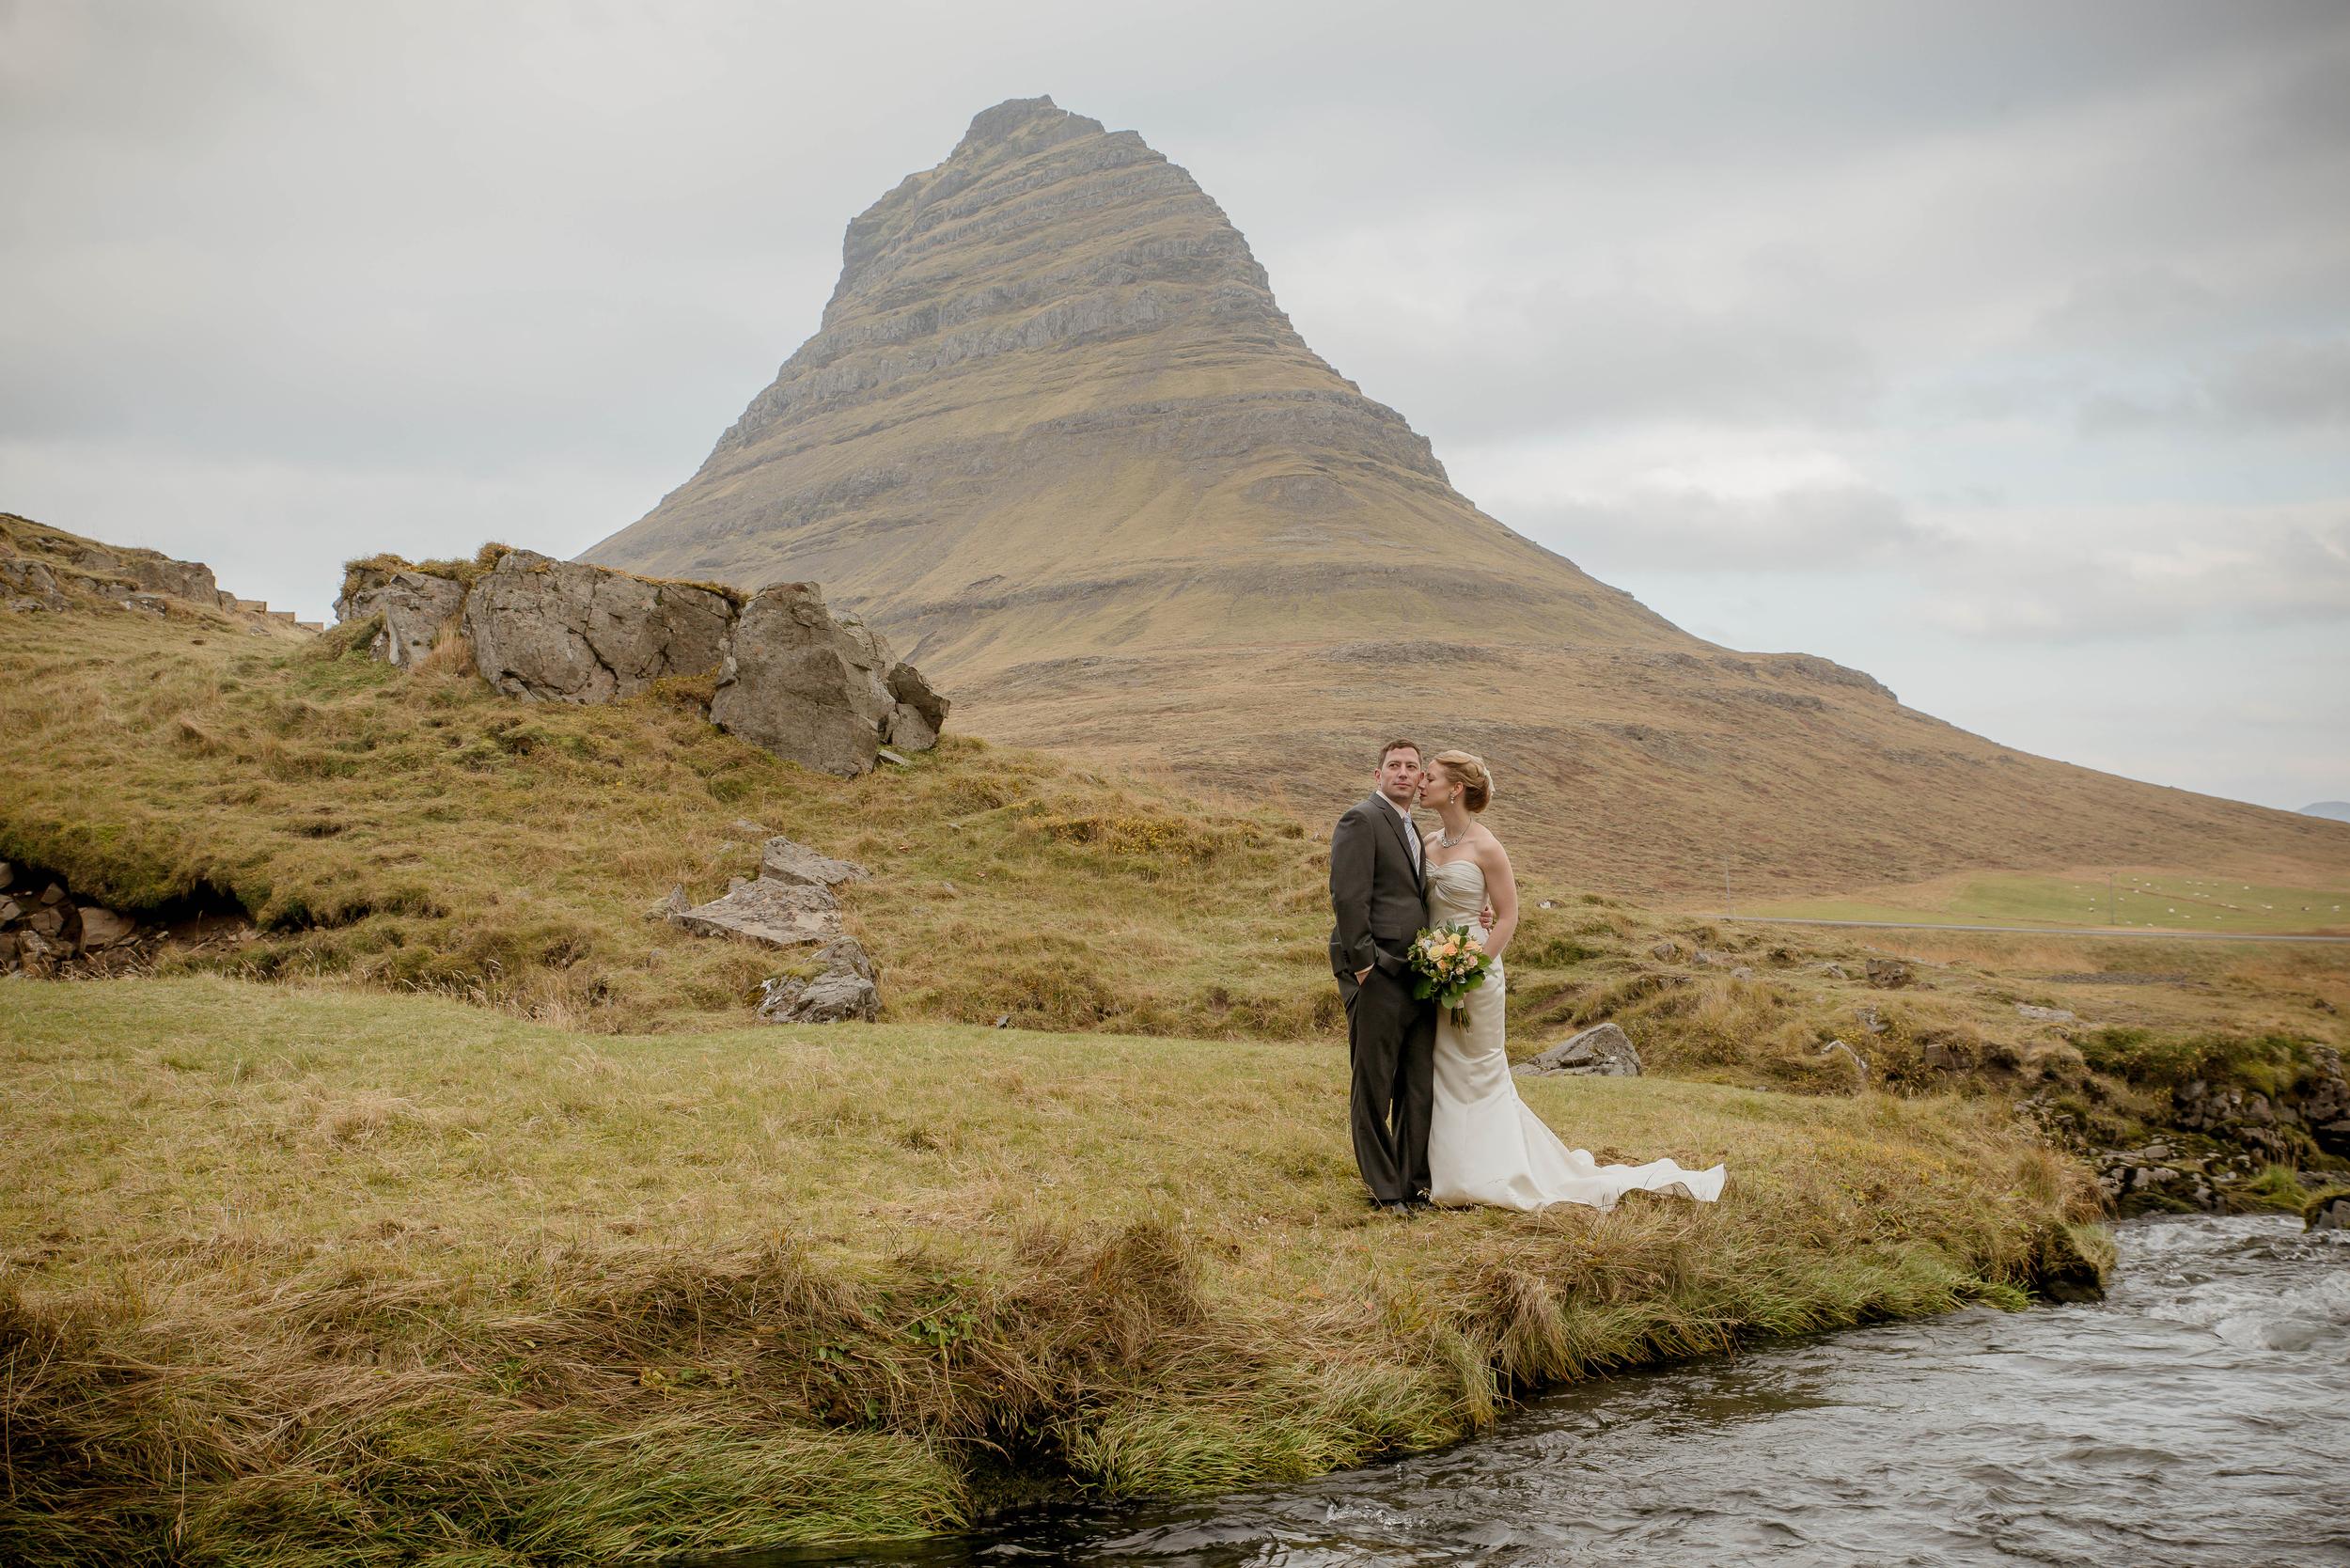 Iceland-Wedding-Photographer-Photos-by-Miss-Ann-20.jpg